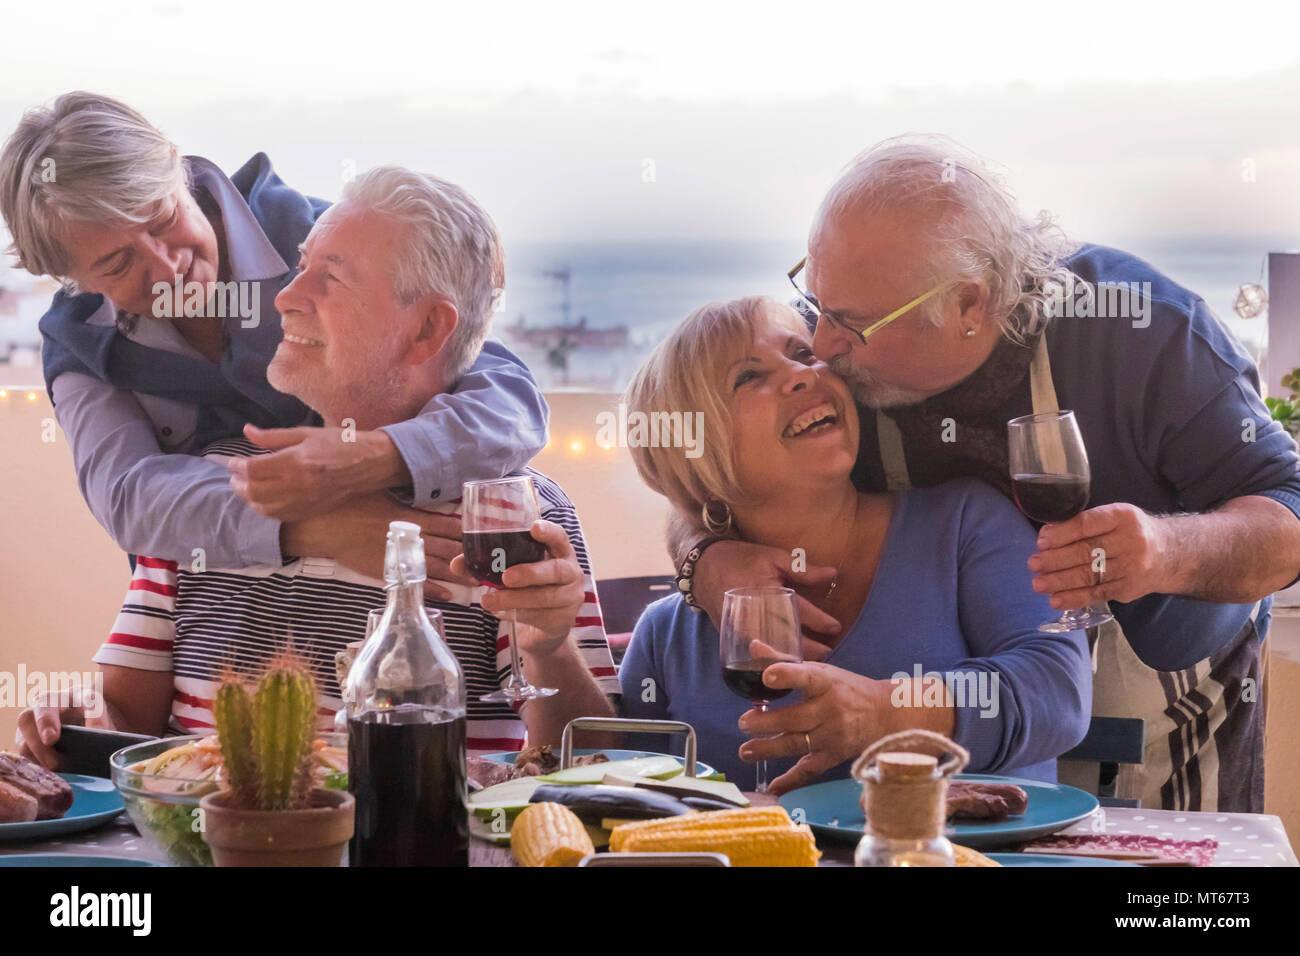 Due Coppia matura stare insieme con amore sorrisi e baci durante una cena all'aperto sulla terrazza sul tetto con vista mare e vista sui tetti. gioia e avente f Immagini Stock